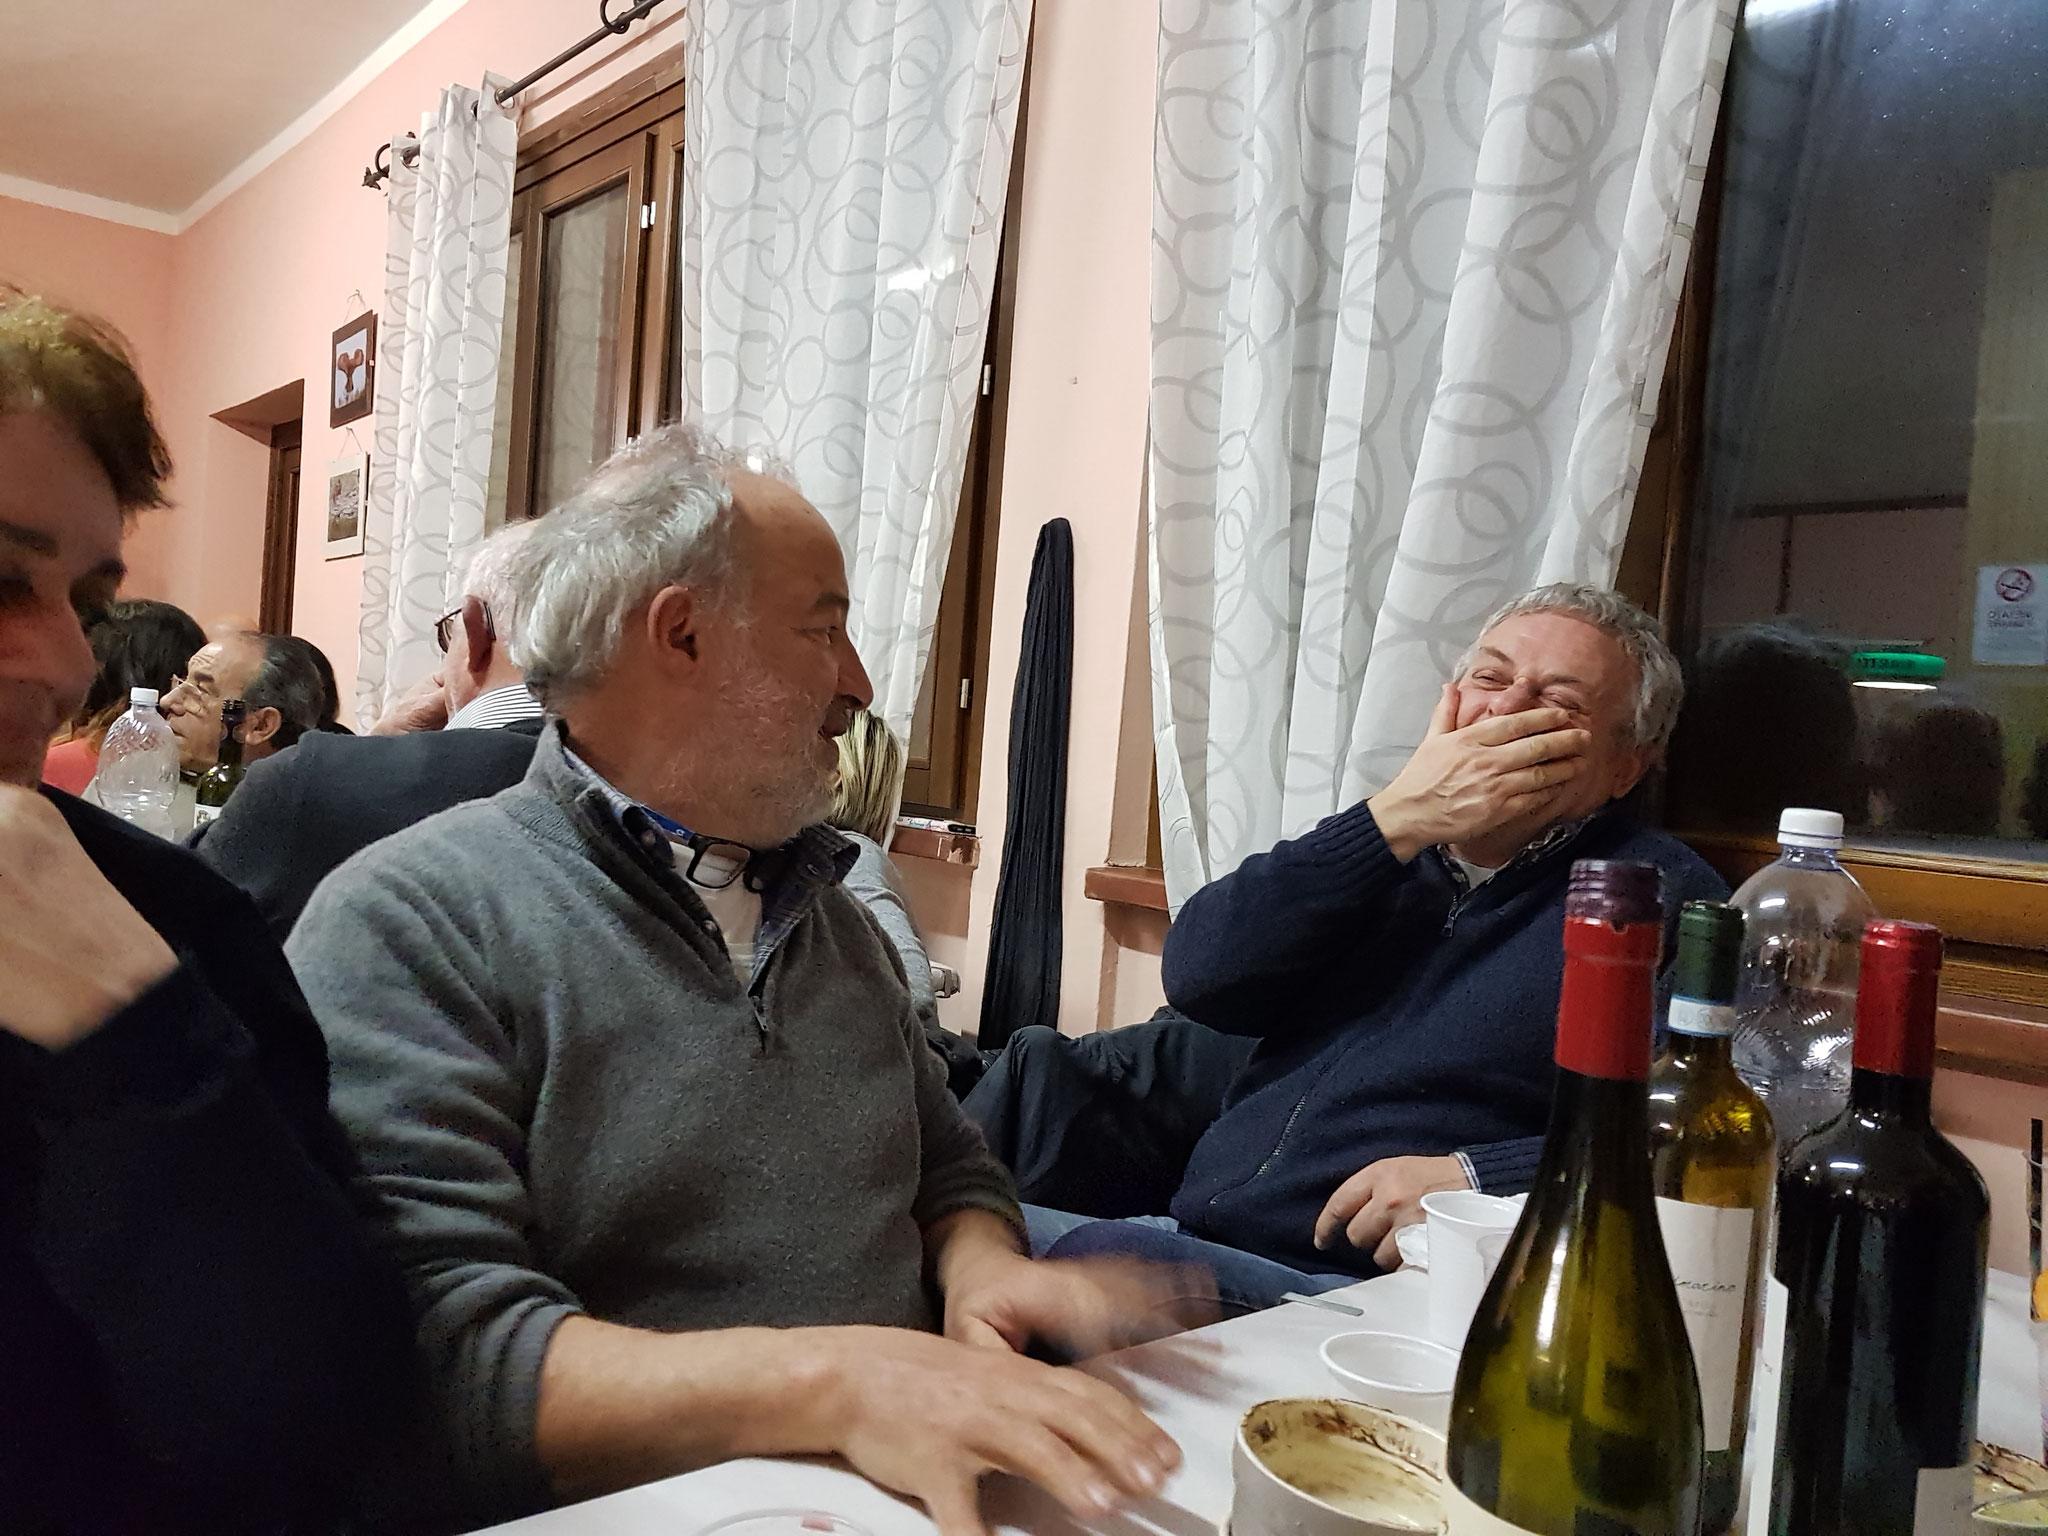 . . . Stefano amüsiert sich köstlich.